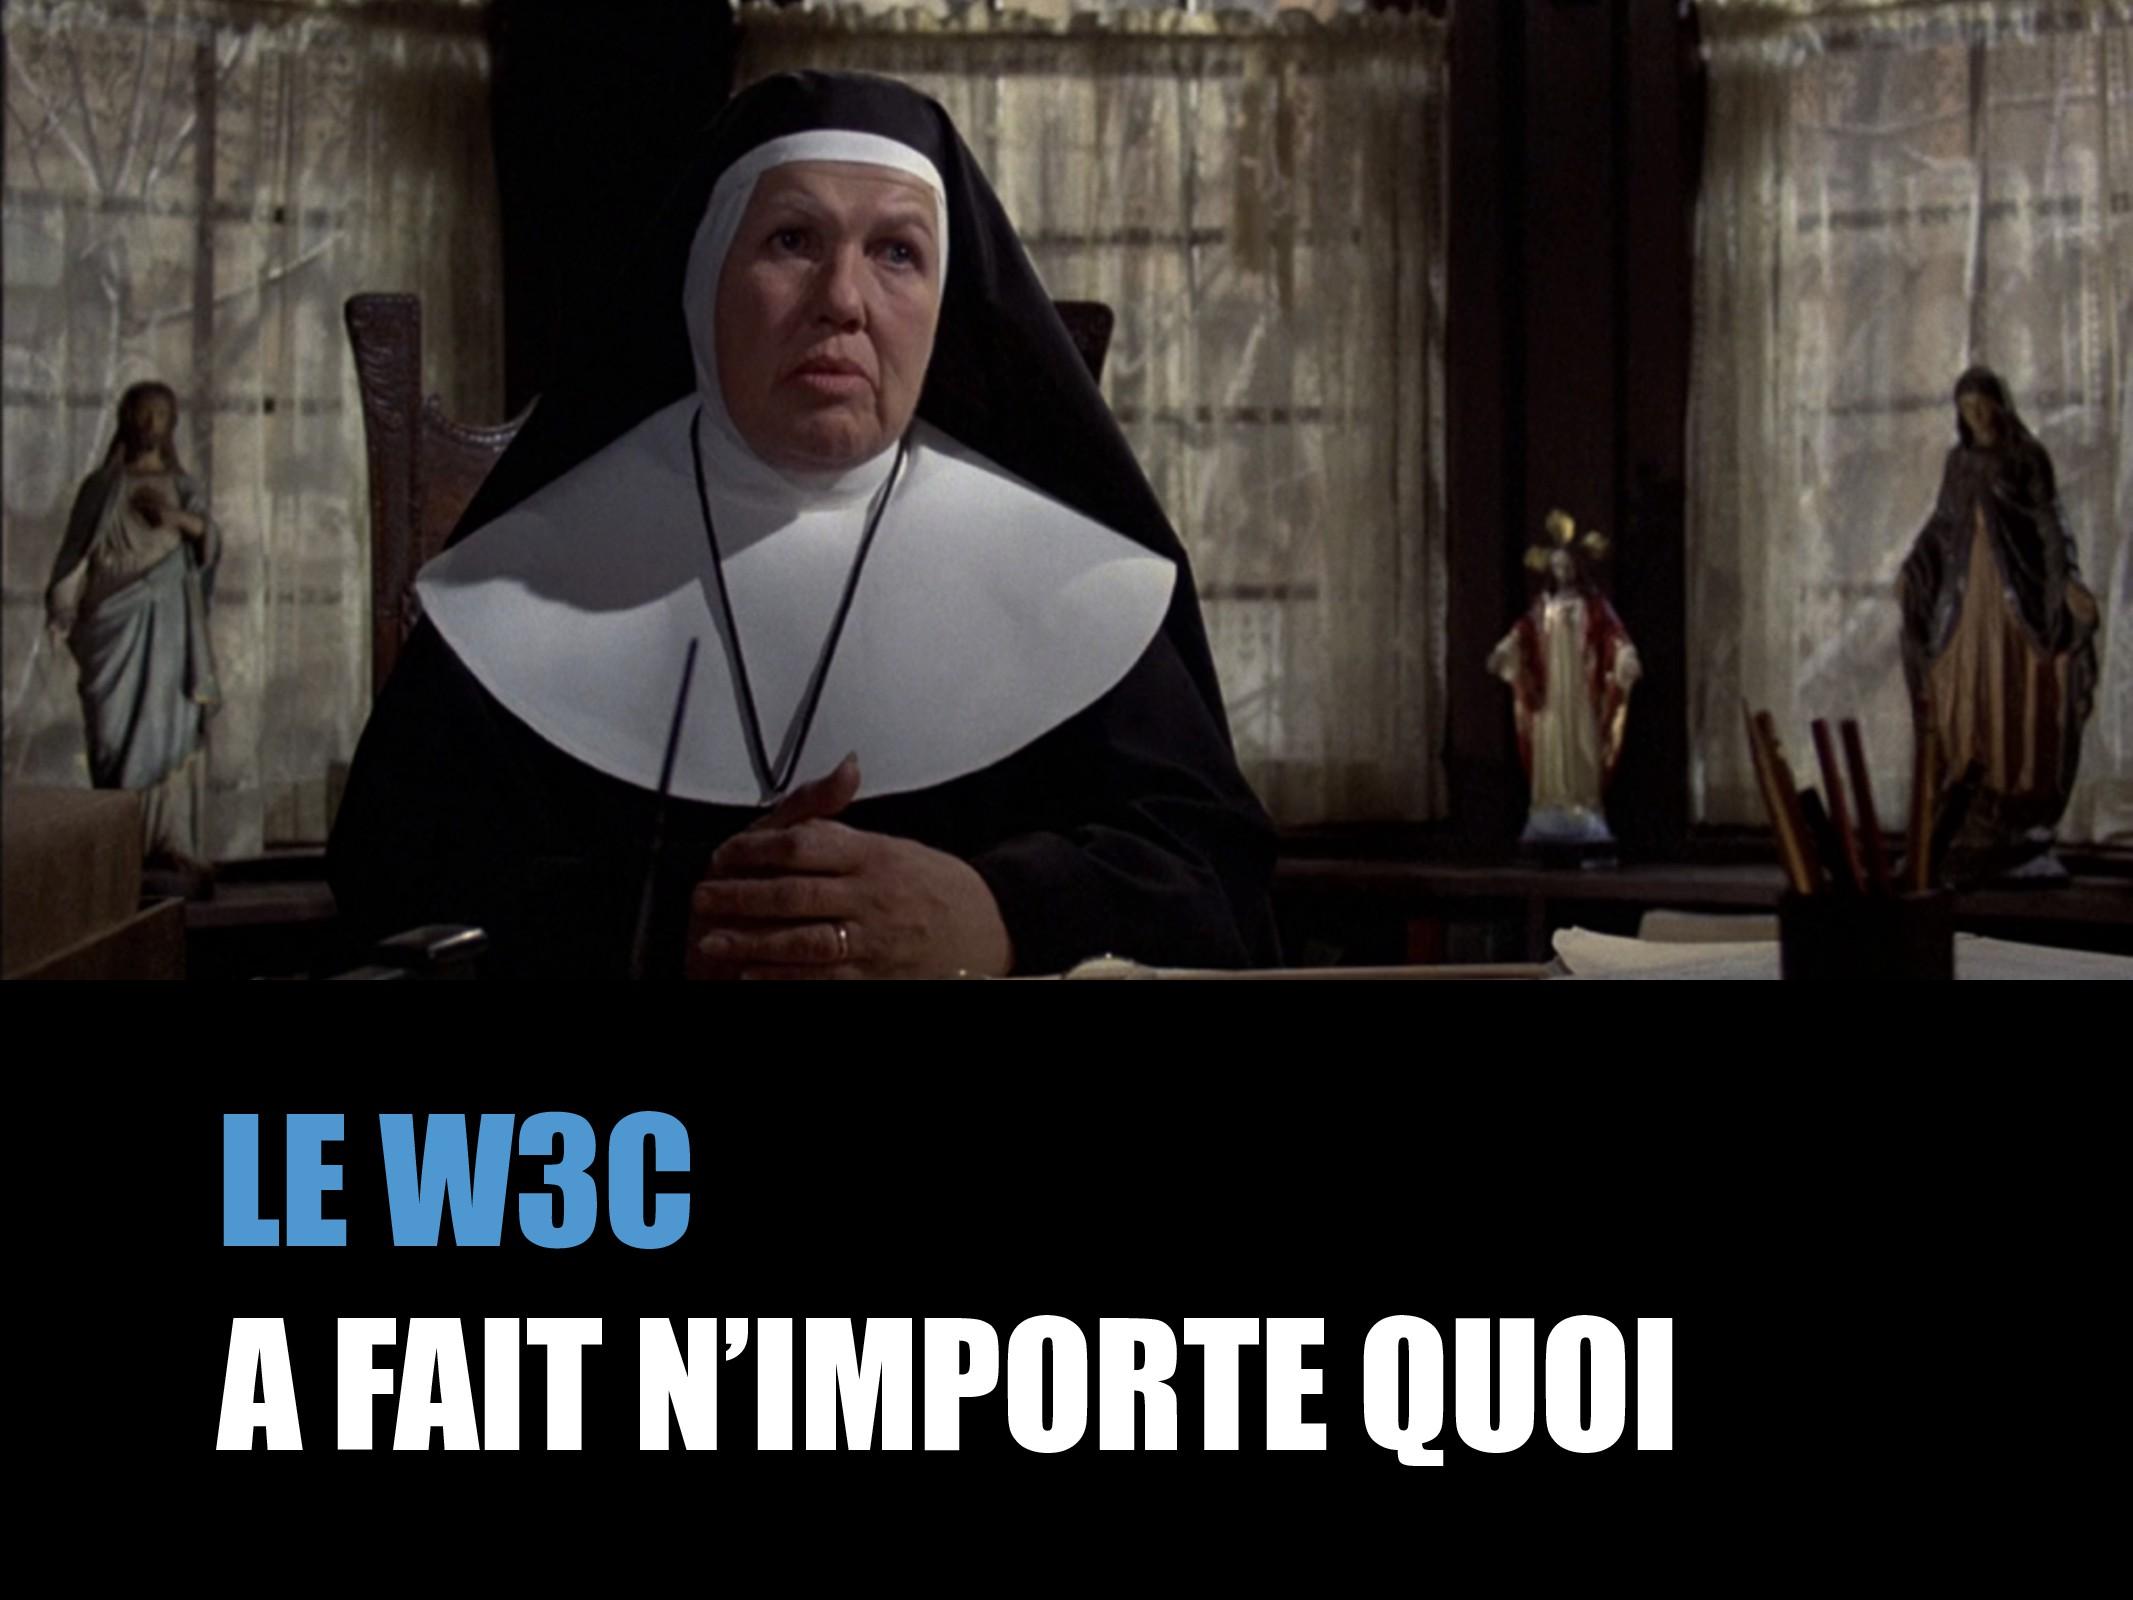 LE W3C A FAIT N'IMPORTE QUOI